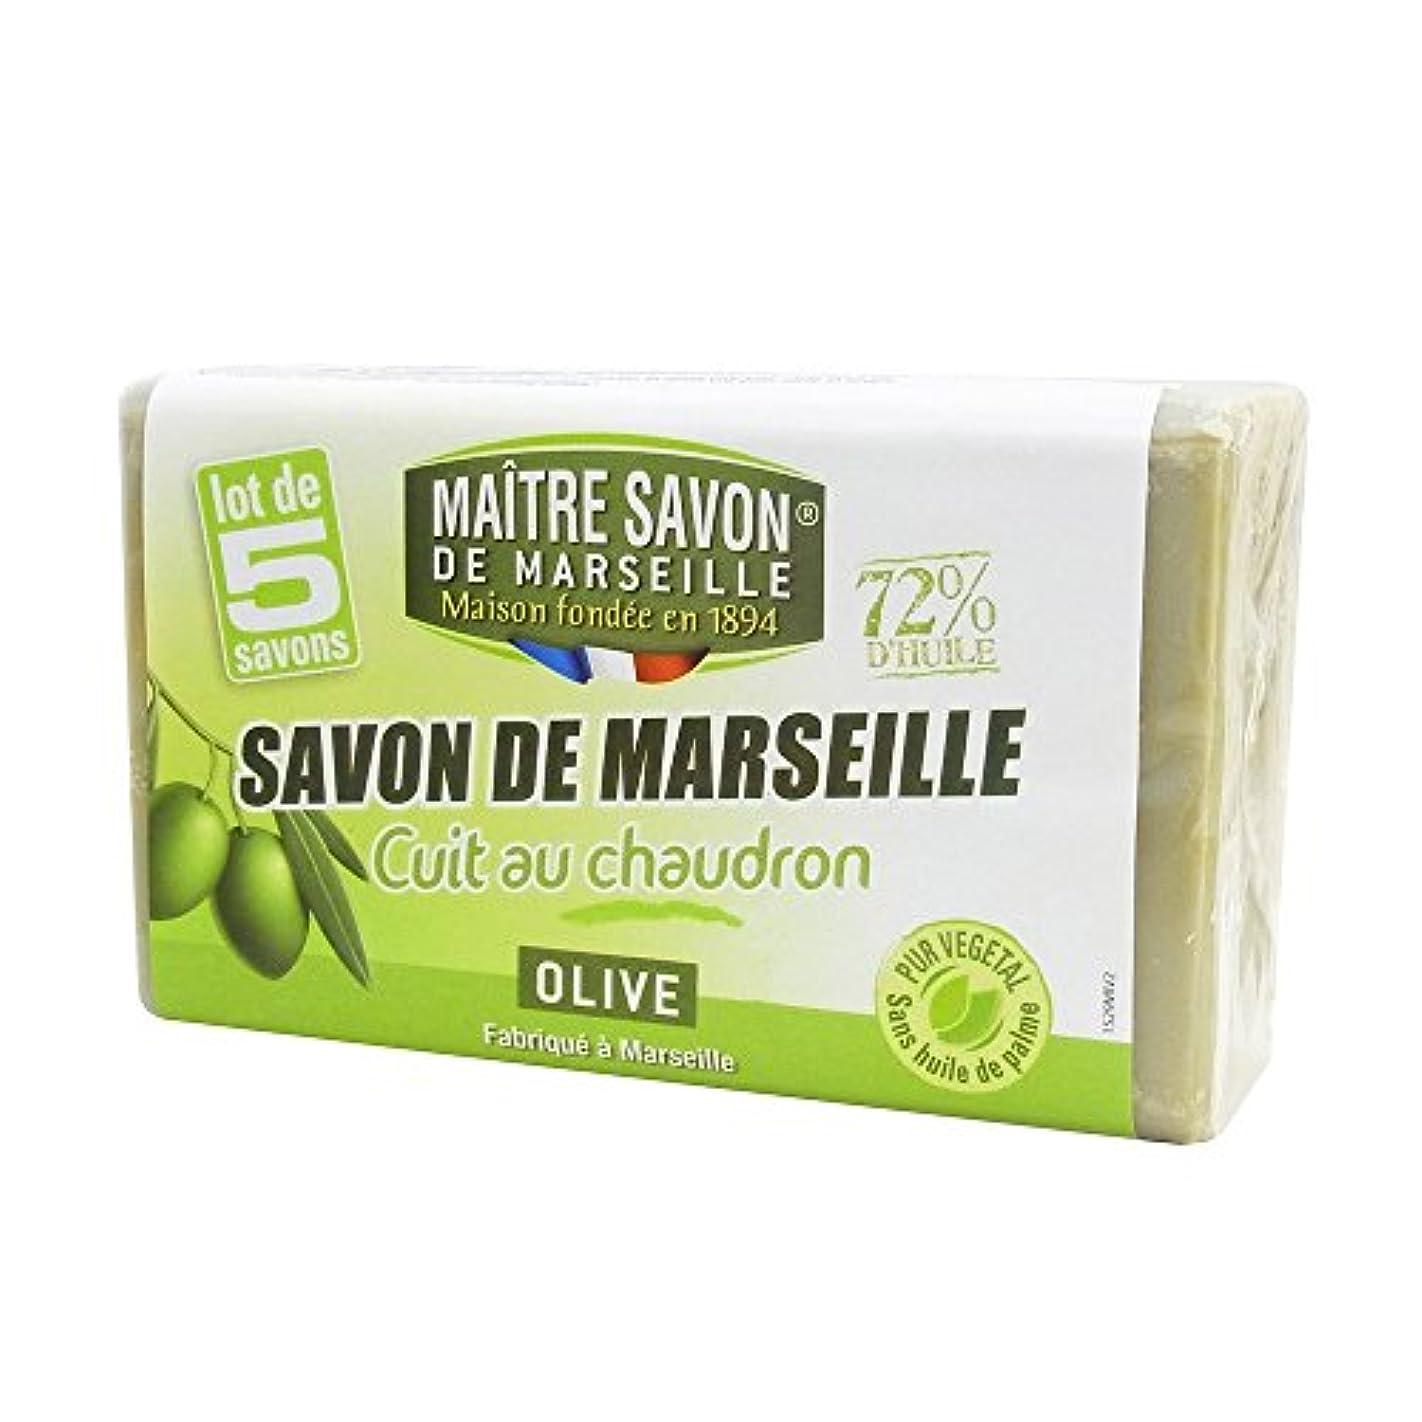 操る見つけた拒絶するMaitre Savon de Marseille(メートル?サボン?ド?マルセイユ) サボン?ド?マルセイユ オリーブ 100g×5個